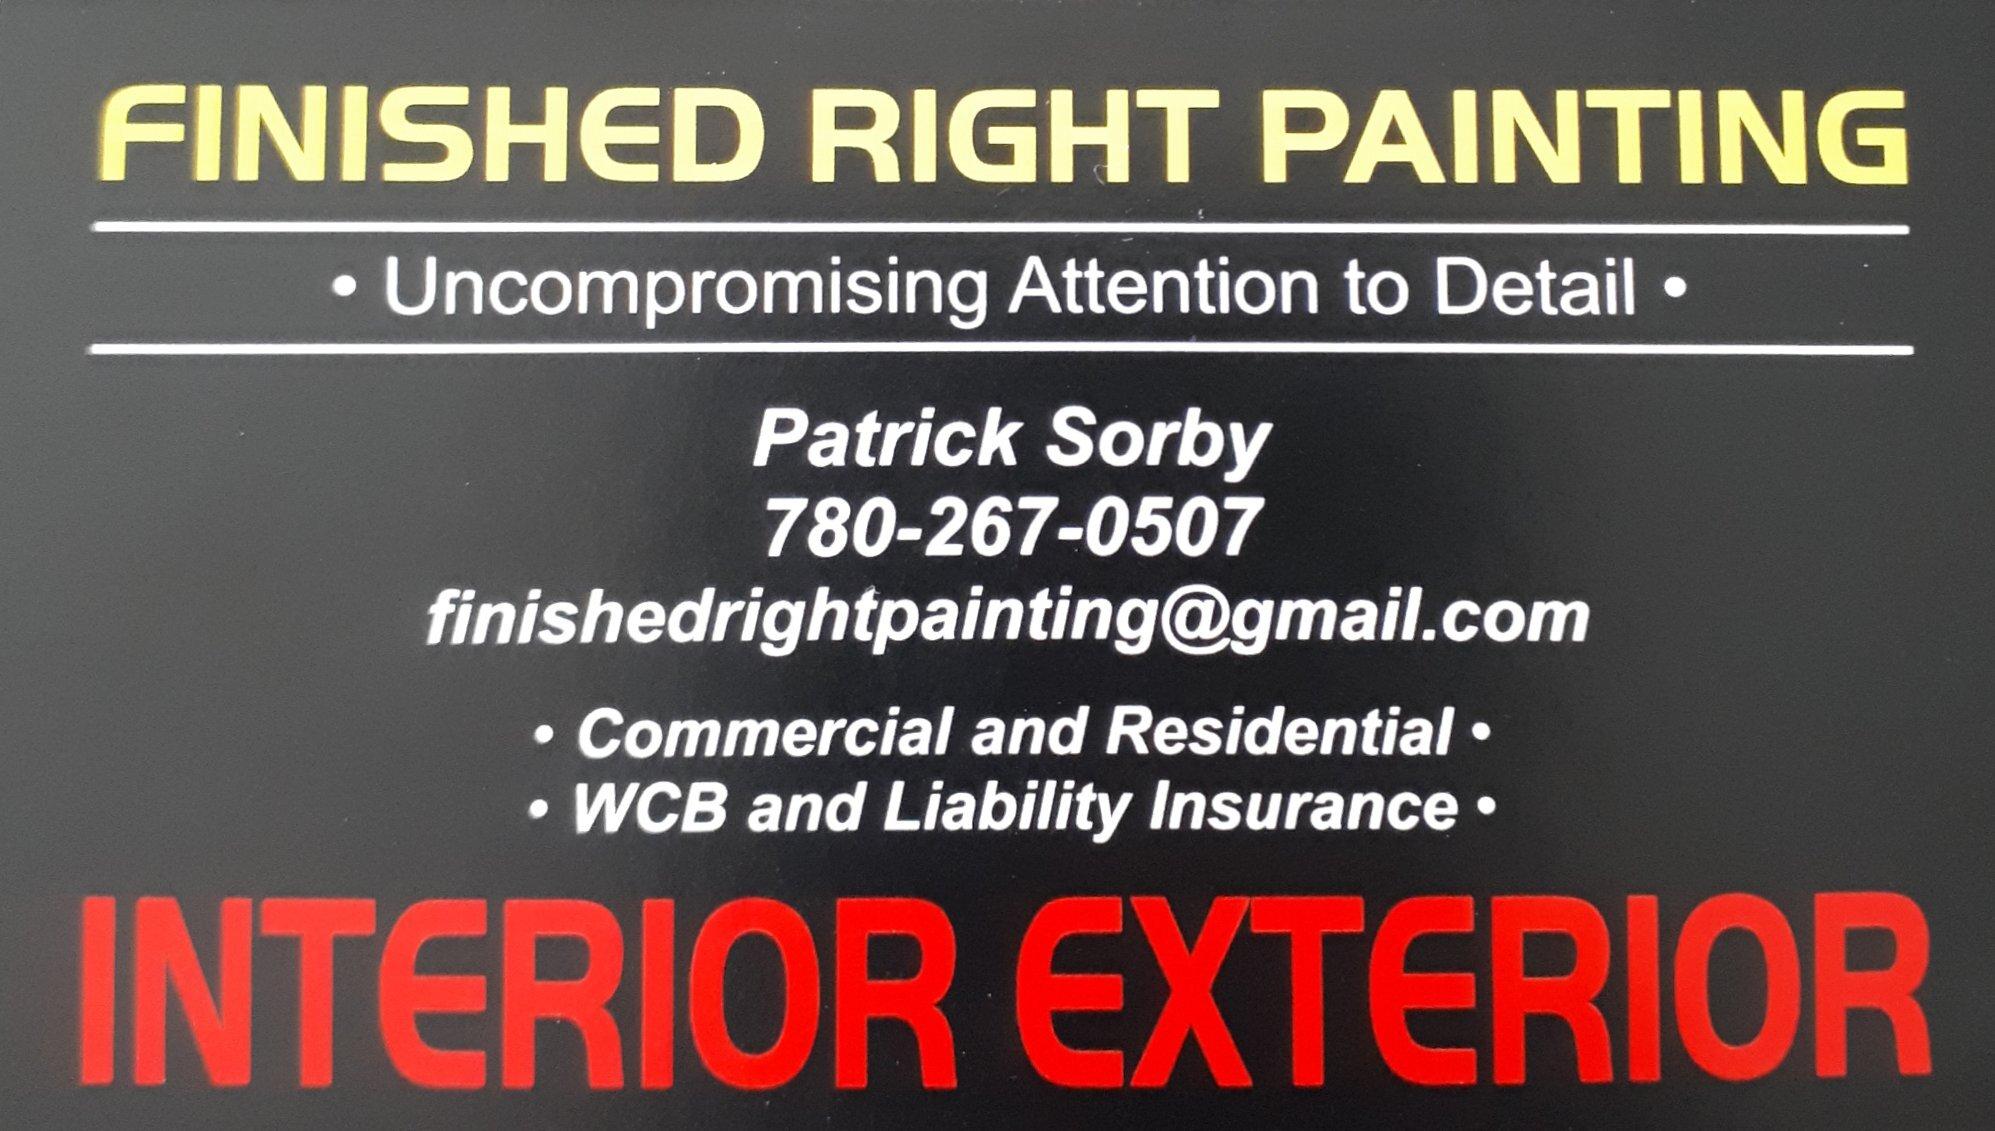 Leduc Rep Classifieds Painters Decorators Painting Services